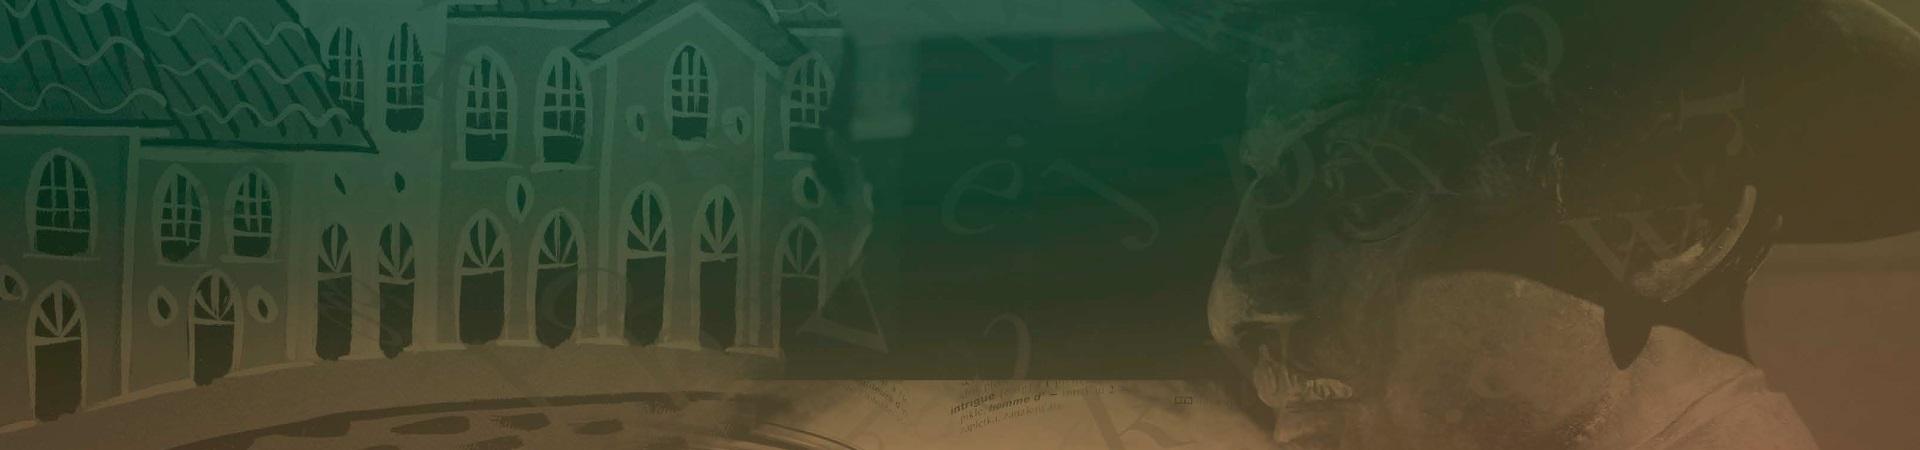 Banner de topo - Mestrado Profissional Em Letras